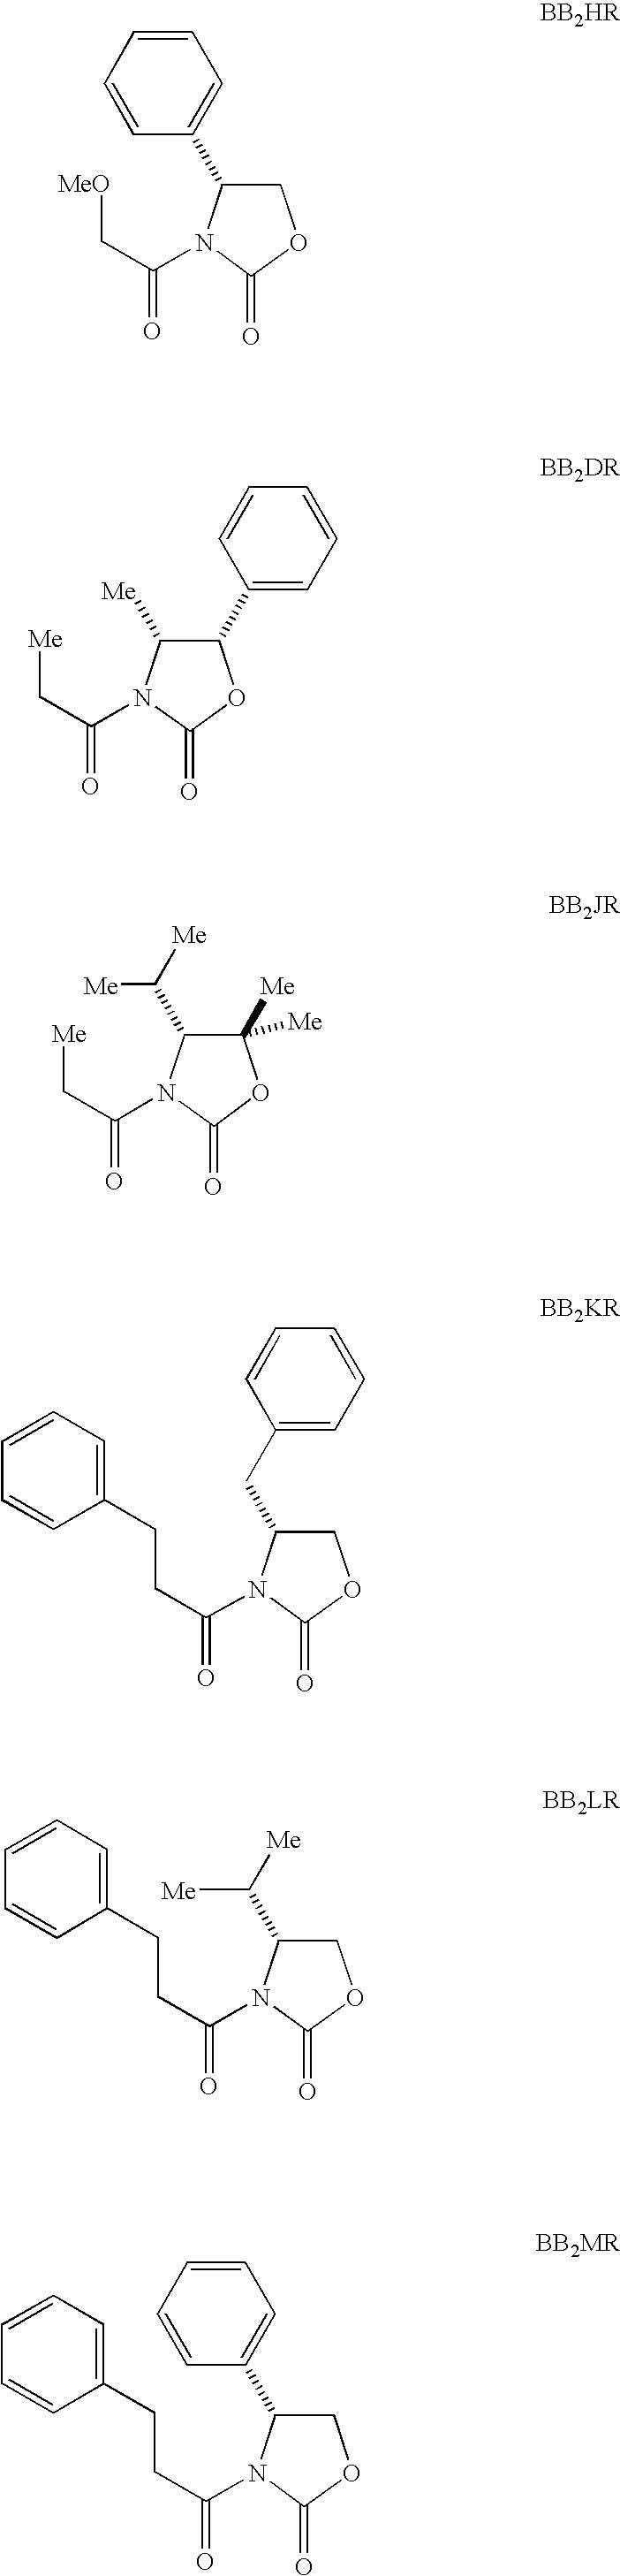 Figure US20040214232A1-20041028-C00072